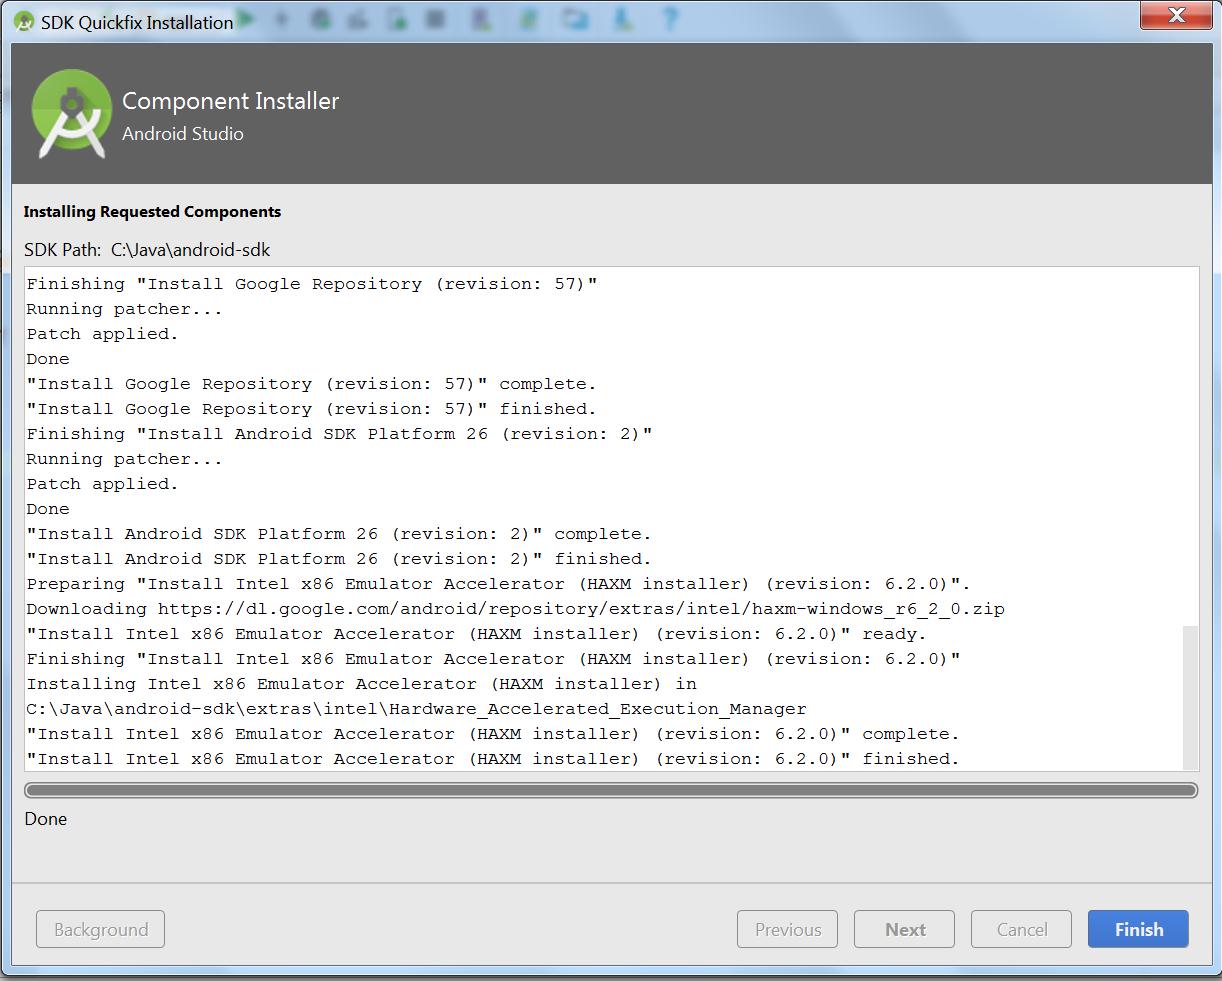 Okienko Component Installer z pełnym paskiem postępu pobierania (done) i przyciskami Background (nieaktywny), Previous (nieaktywny), Next (nieaktywny), Cancel (nieaktywny) i Finish